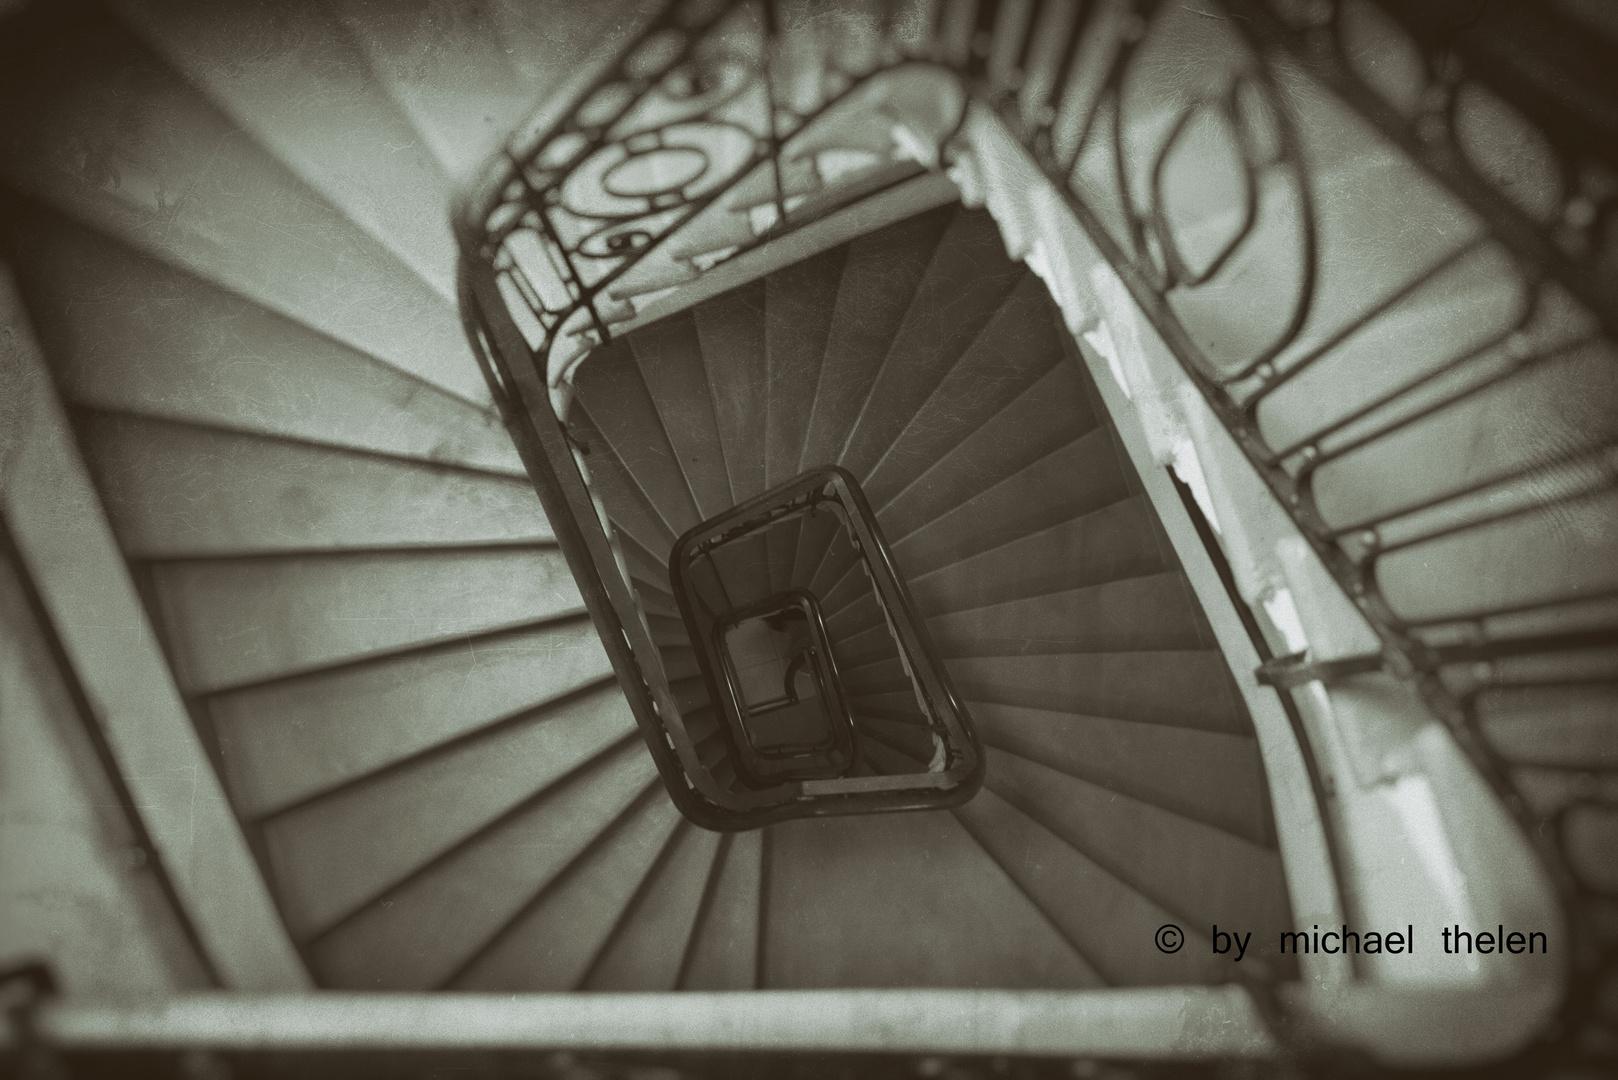 Treppenhaus im Haus der Universität ohne Menschen